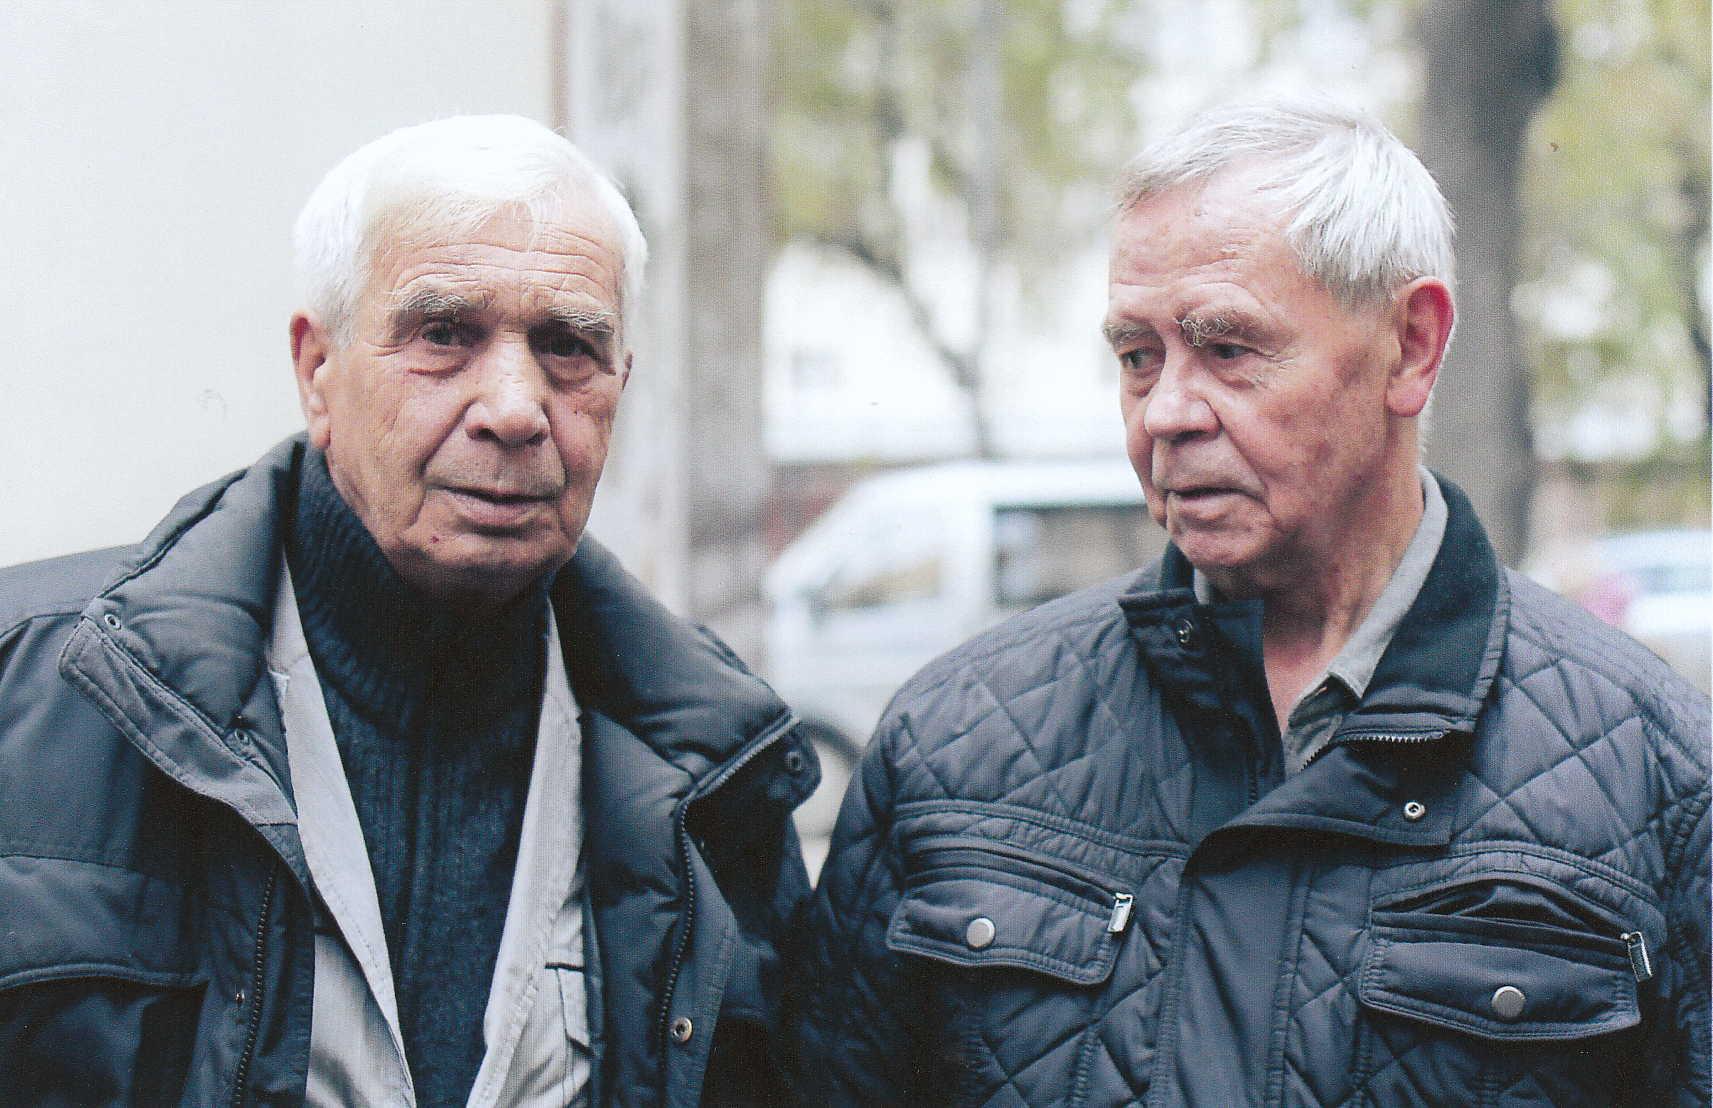 Эдуард Константинович Анашкин с Валентином Григорьевичем Распутиным - Иркутск октябрь 2013 года